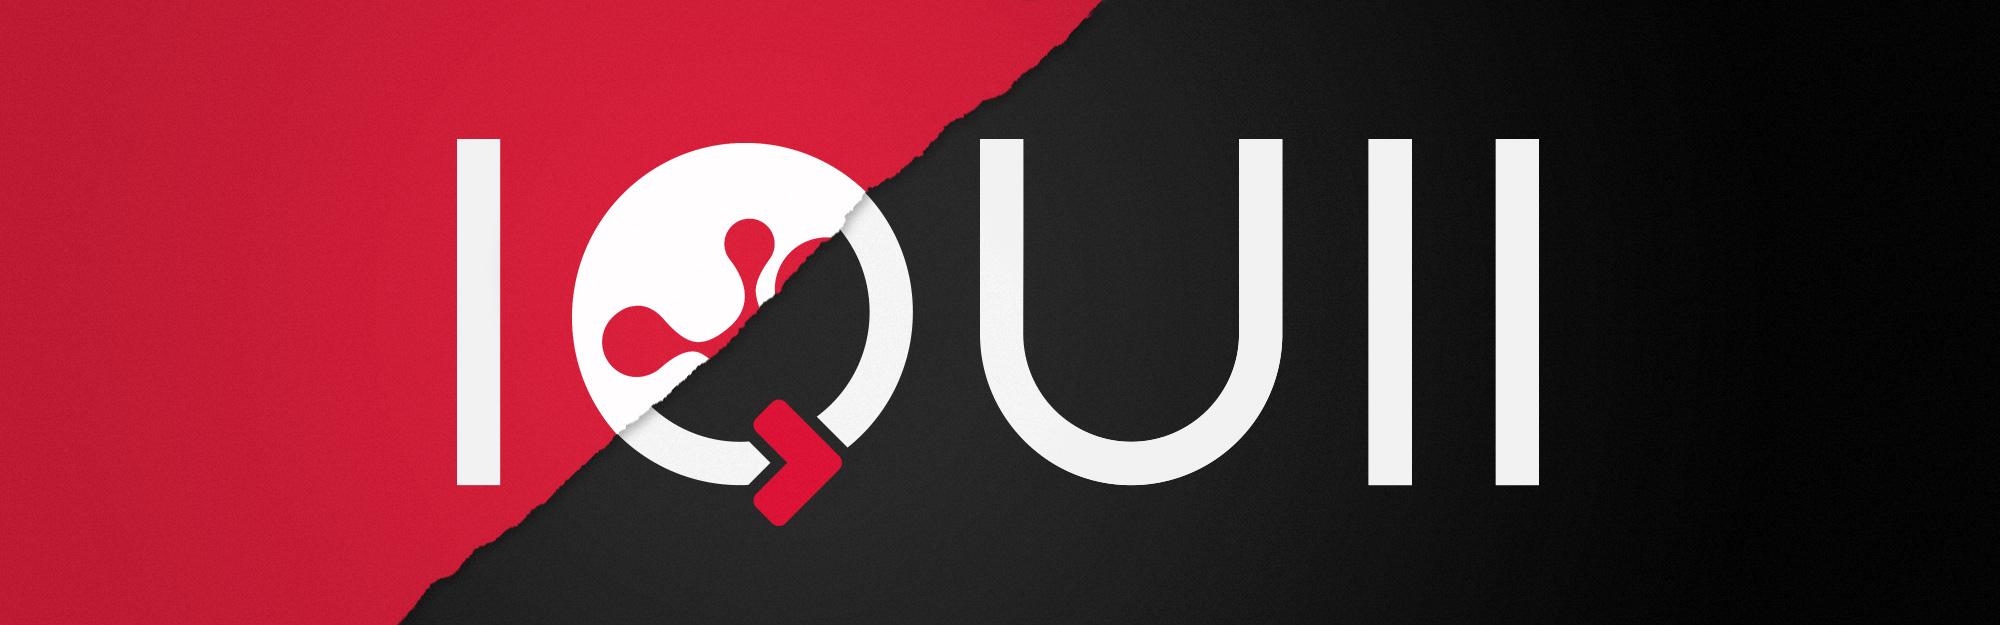 IQUII lancia il suo rebranding e si apre a nuove sfide #iquiinext